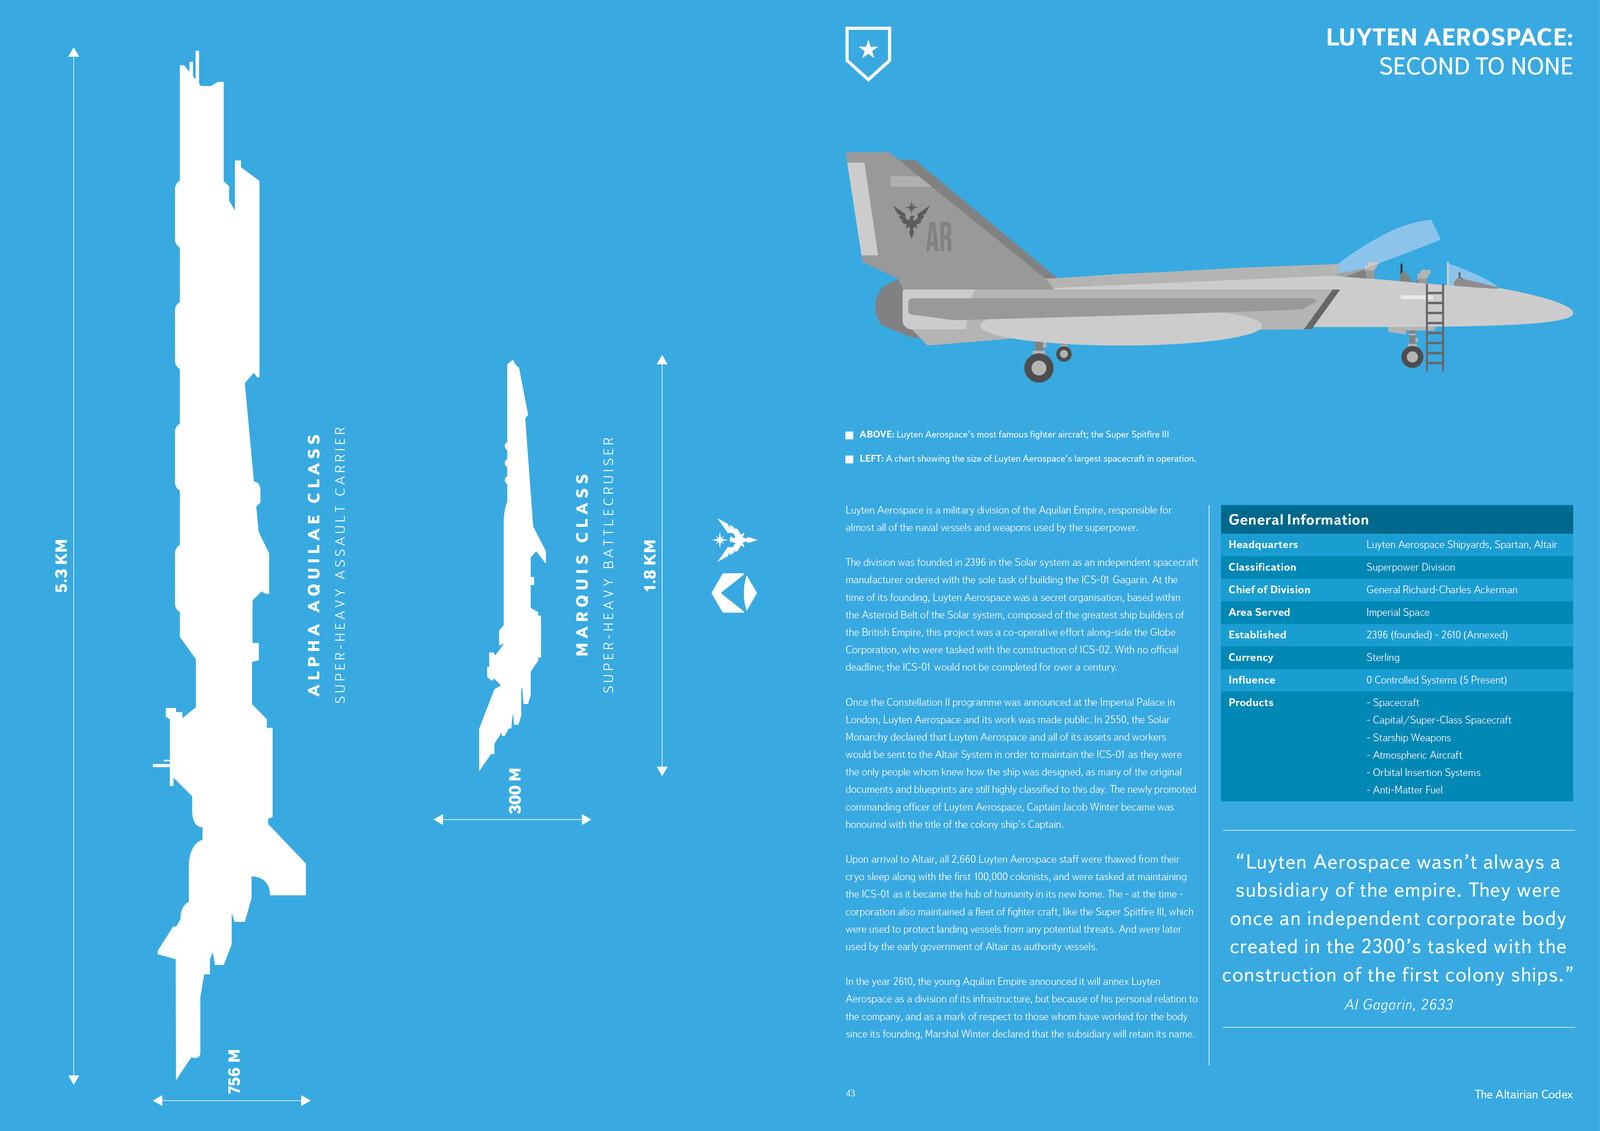 Luyten Aerospace